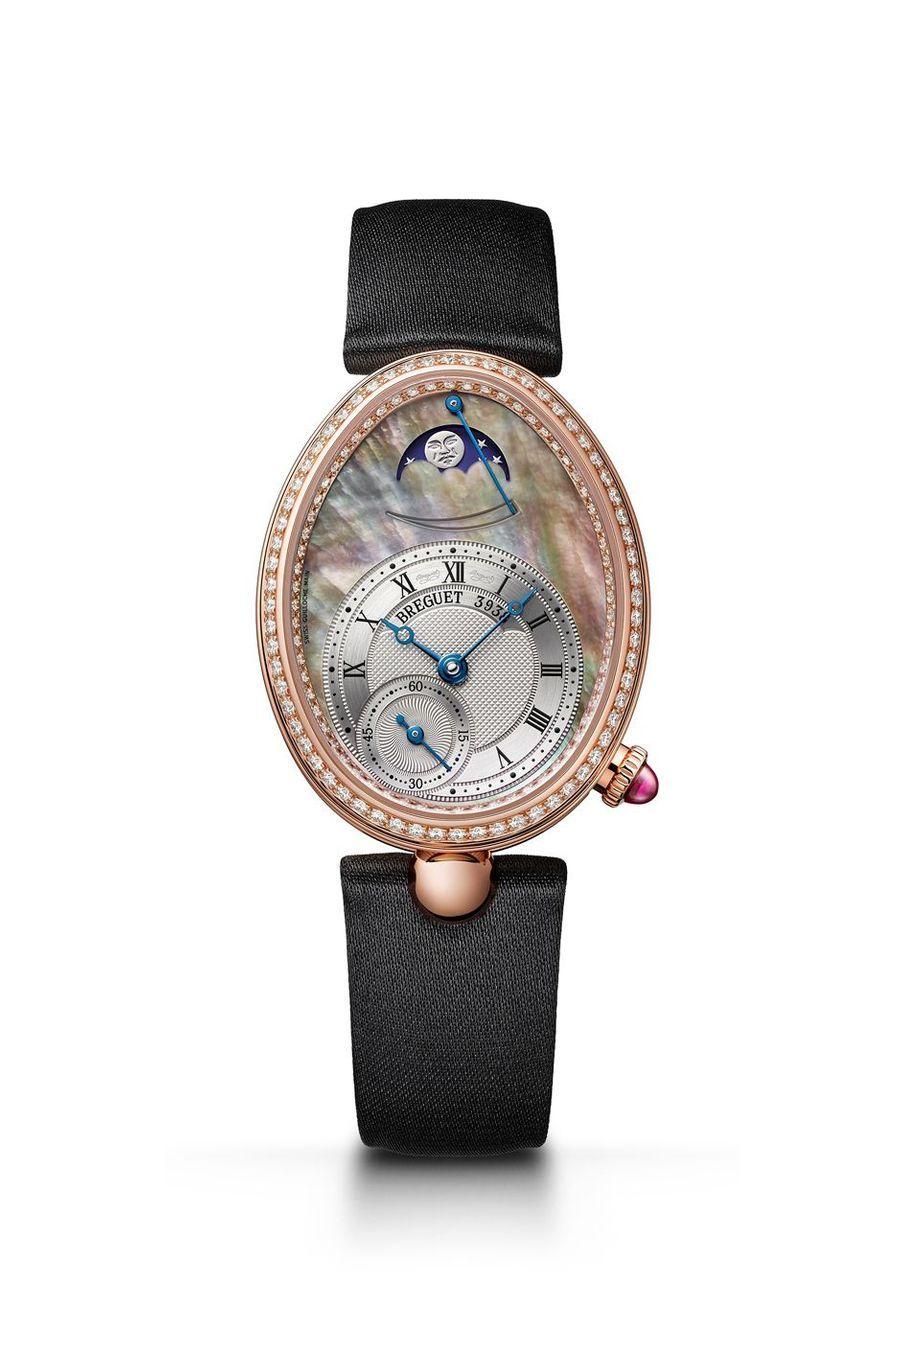 Reine de Naples en or rose, lunette sertie de diamants, cadran en nacre, mouvement automatique avec heures et minutes décentrées, petite seconde et indicateur des phases de lune, bracelet en satin. Breguet. 35 200 €.